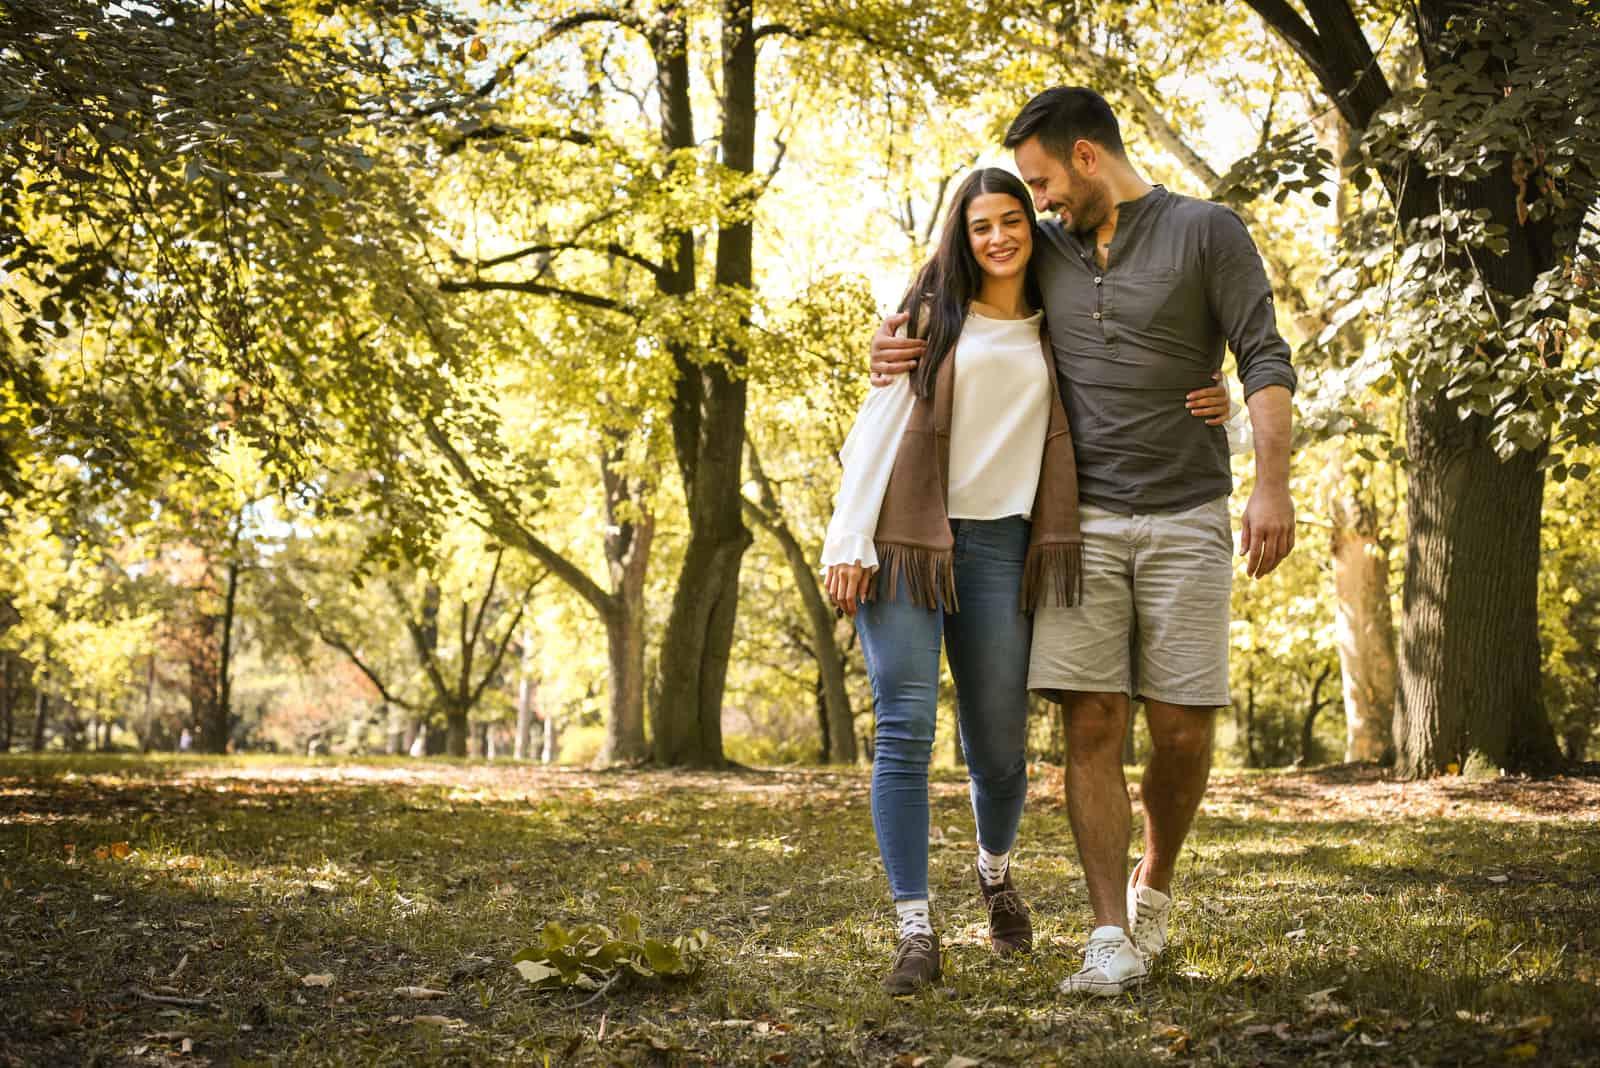 Ein glückliches Liebespaar geht durch den Park und umarmt sich